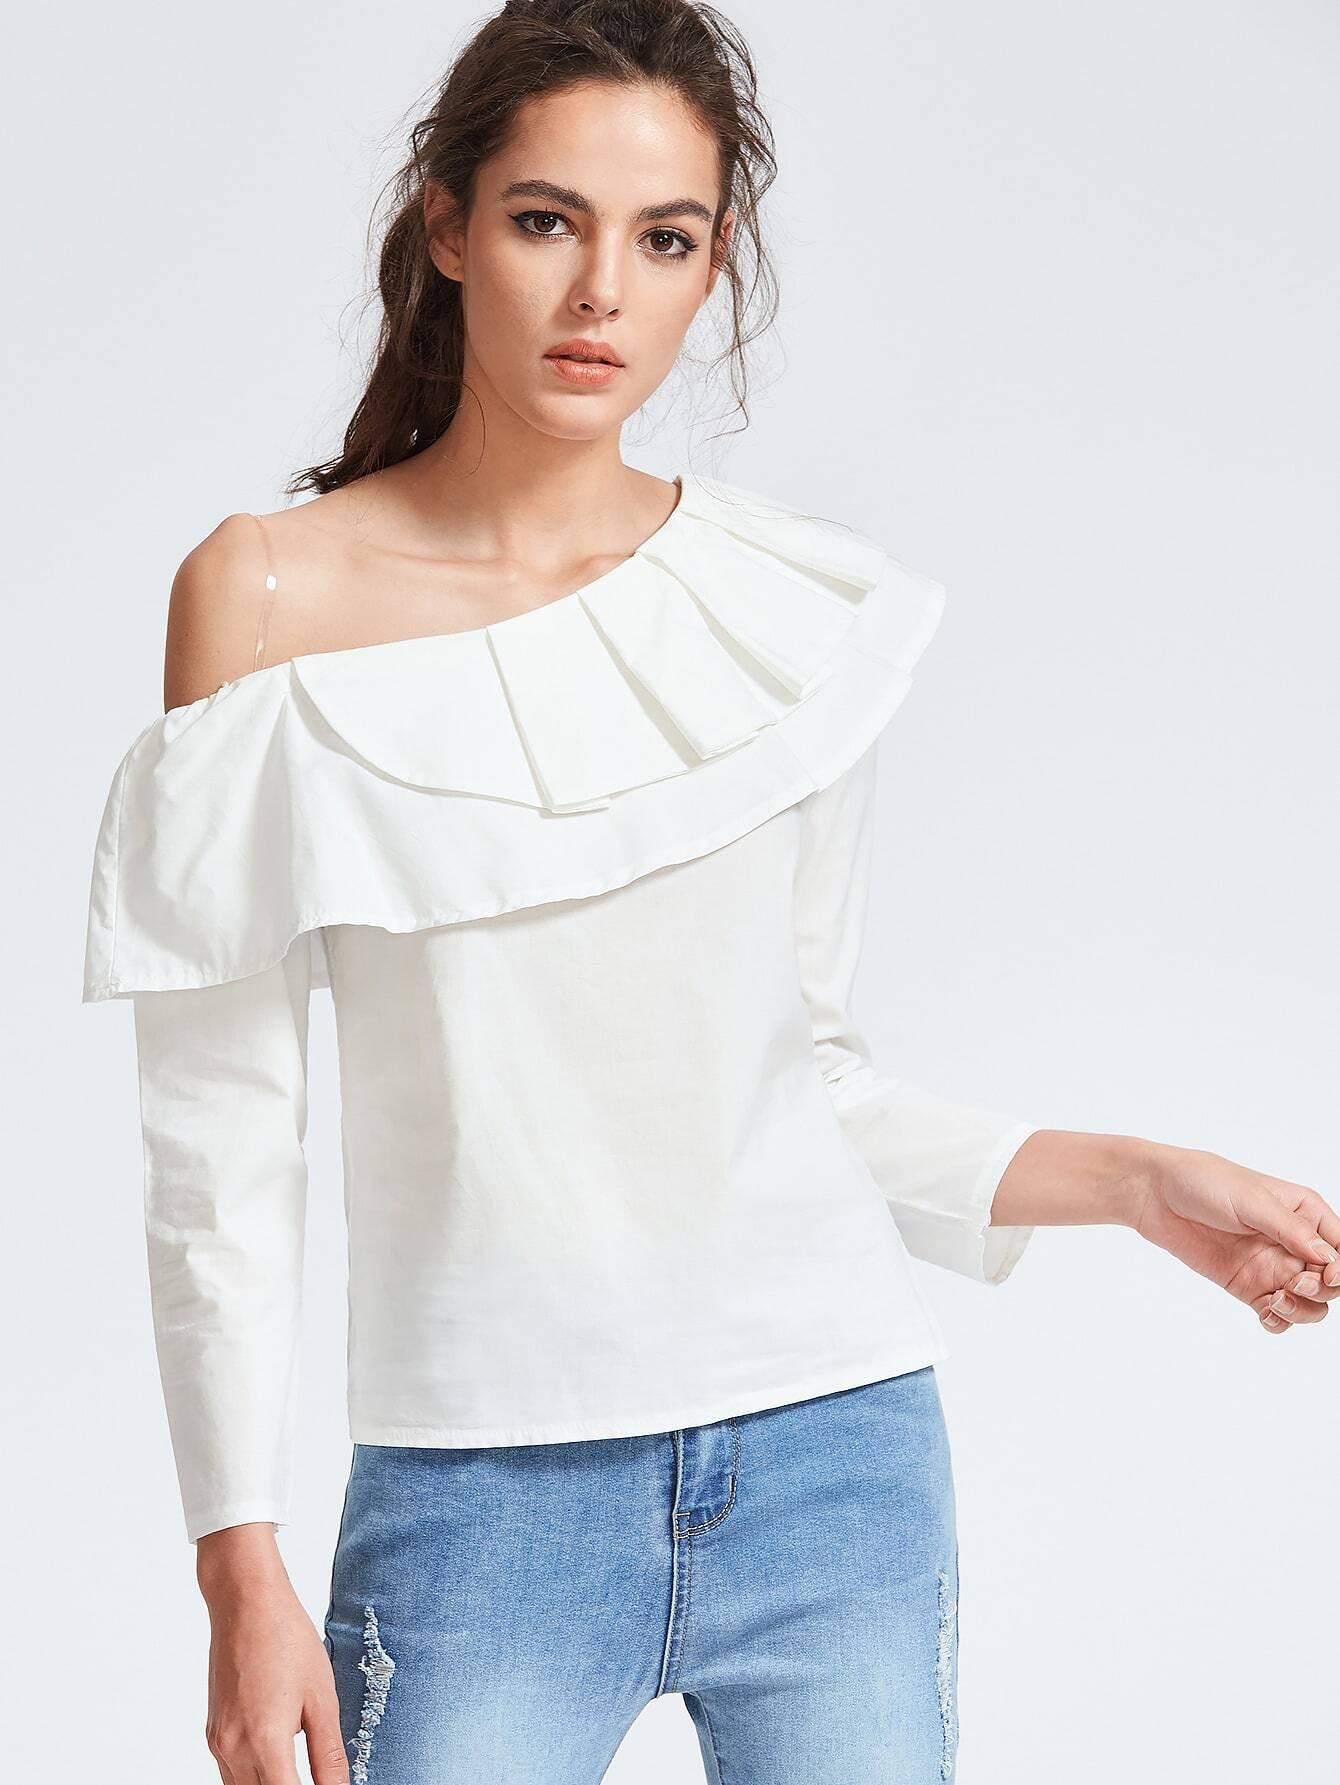 Белая Блузка Своими Руками